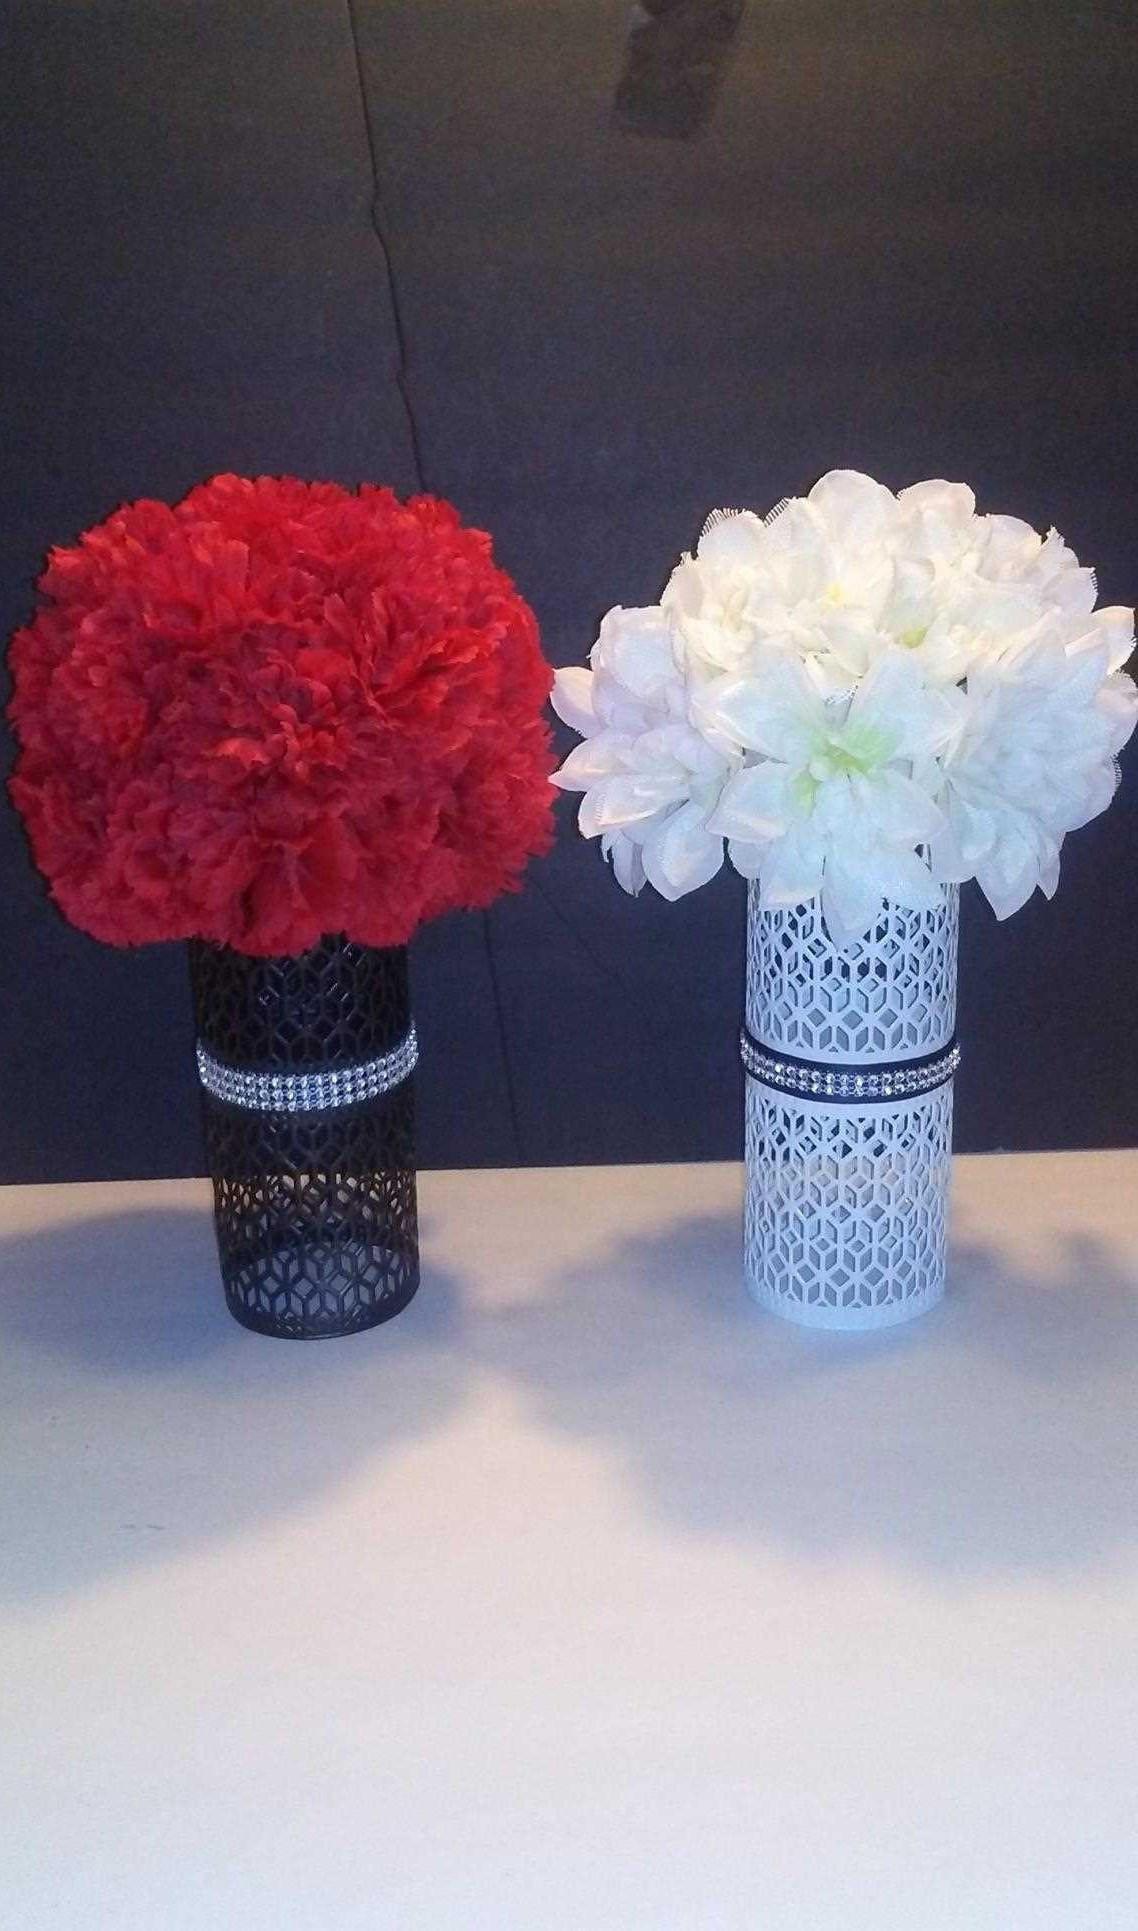 cheap pink vases of 26 luxury wedding centerpieces ideas sokitchenlv for wedding centerpieces ideas amazing dollar tree wedding decorations awesome h vases dollar vase i 0d of